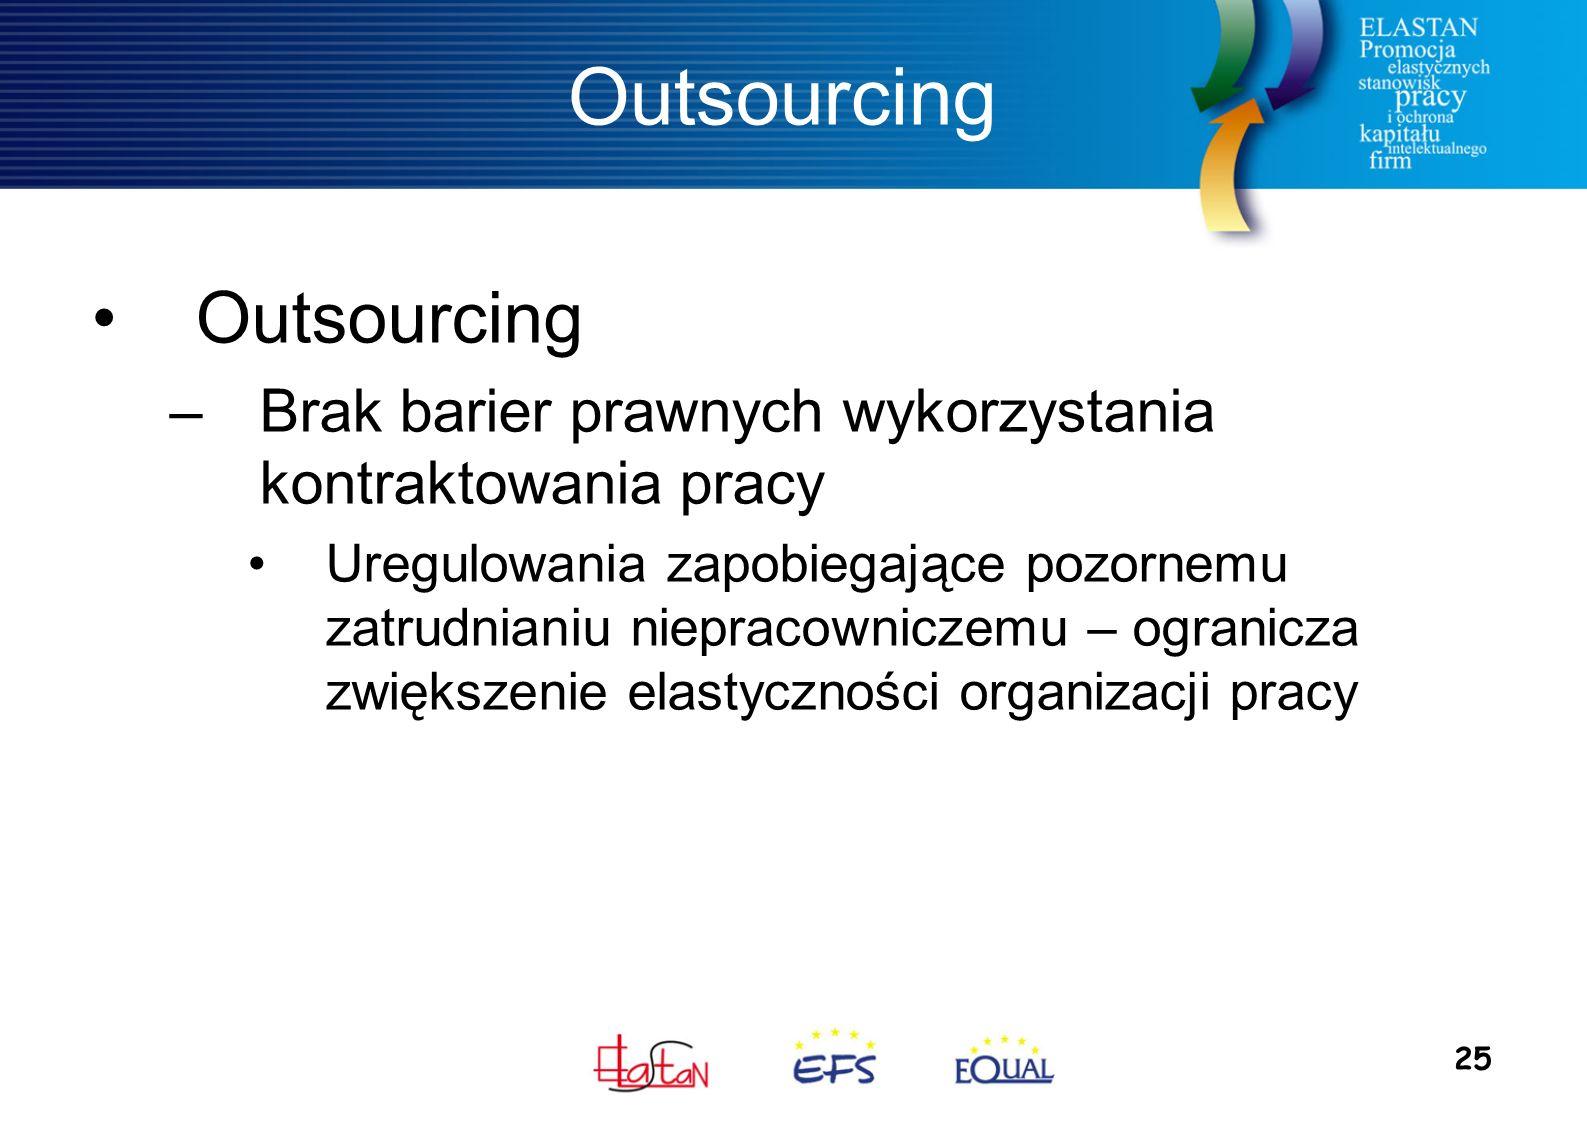 25 Outsourcing –Brak barier prawnych wykorzystania kontraktowania pracy Uregulowania zapobiegające pozornemu zatrudnianiu niepracowniczemu – ogranicza zwiększenie elastyczności organizacji pracy